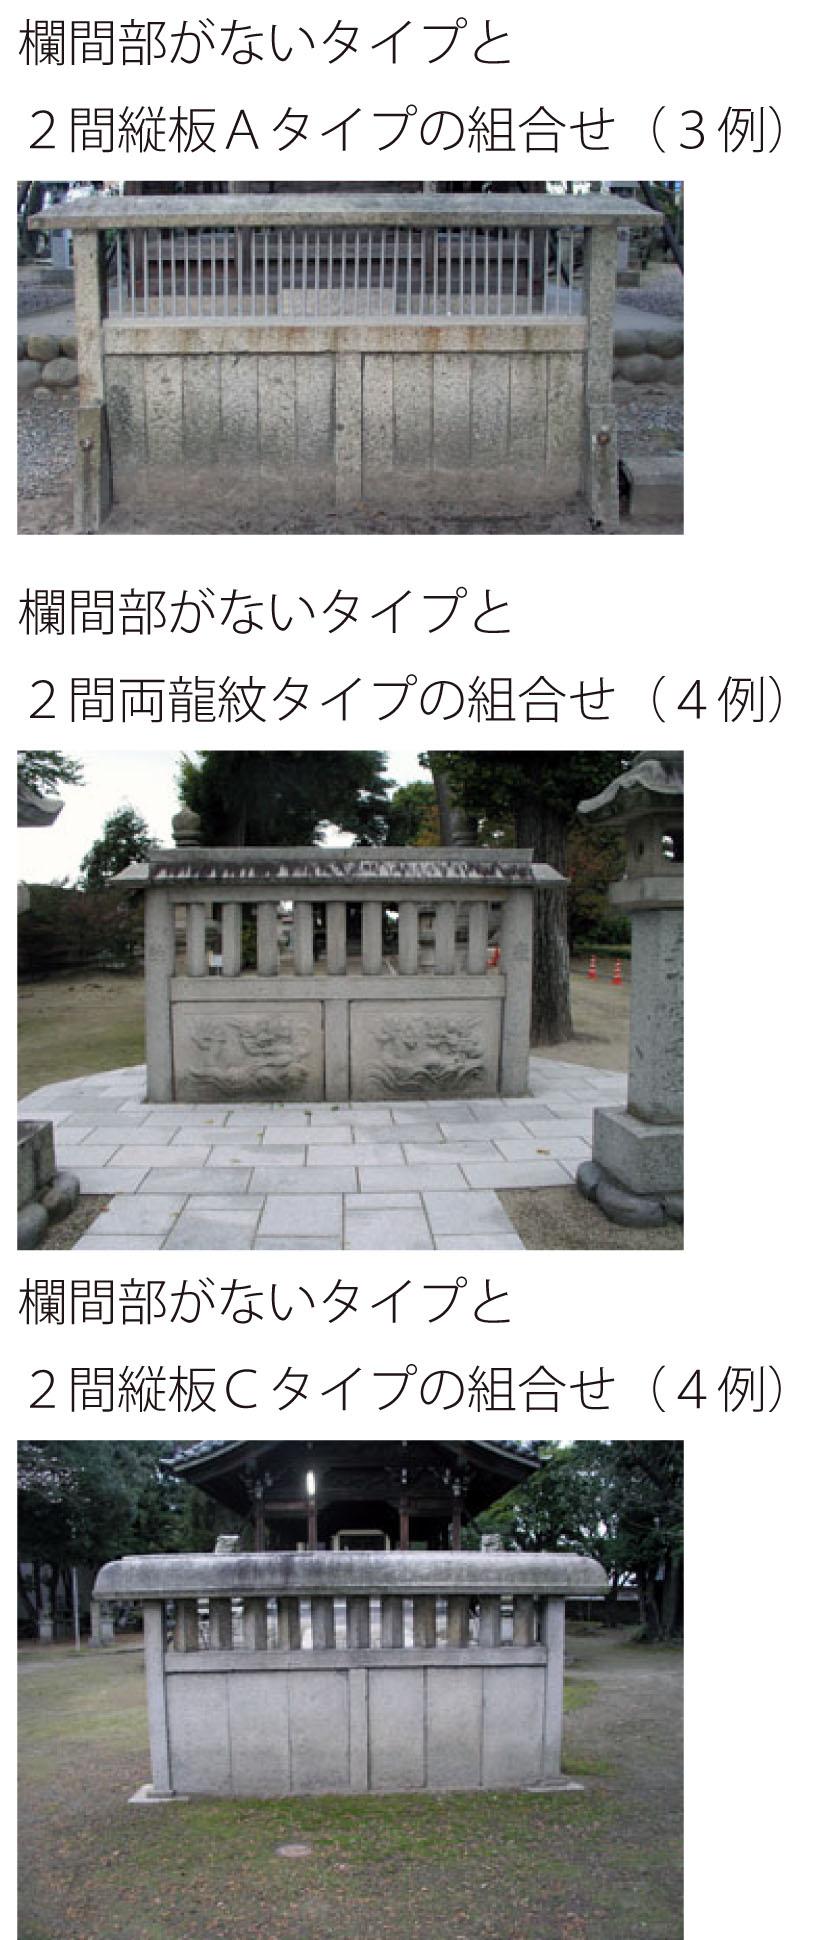 欄間部と羽目板部の組合せ(その38)大区分で見る(18)_e0113570_2344612.jpg